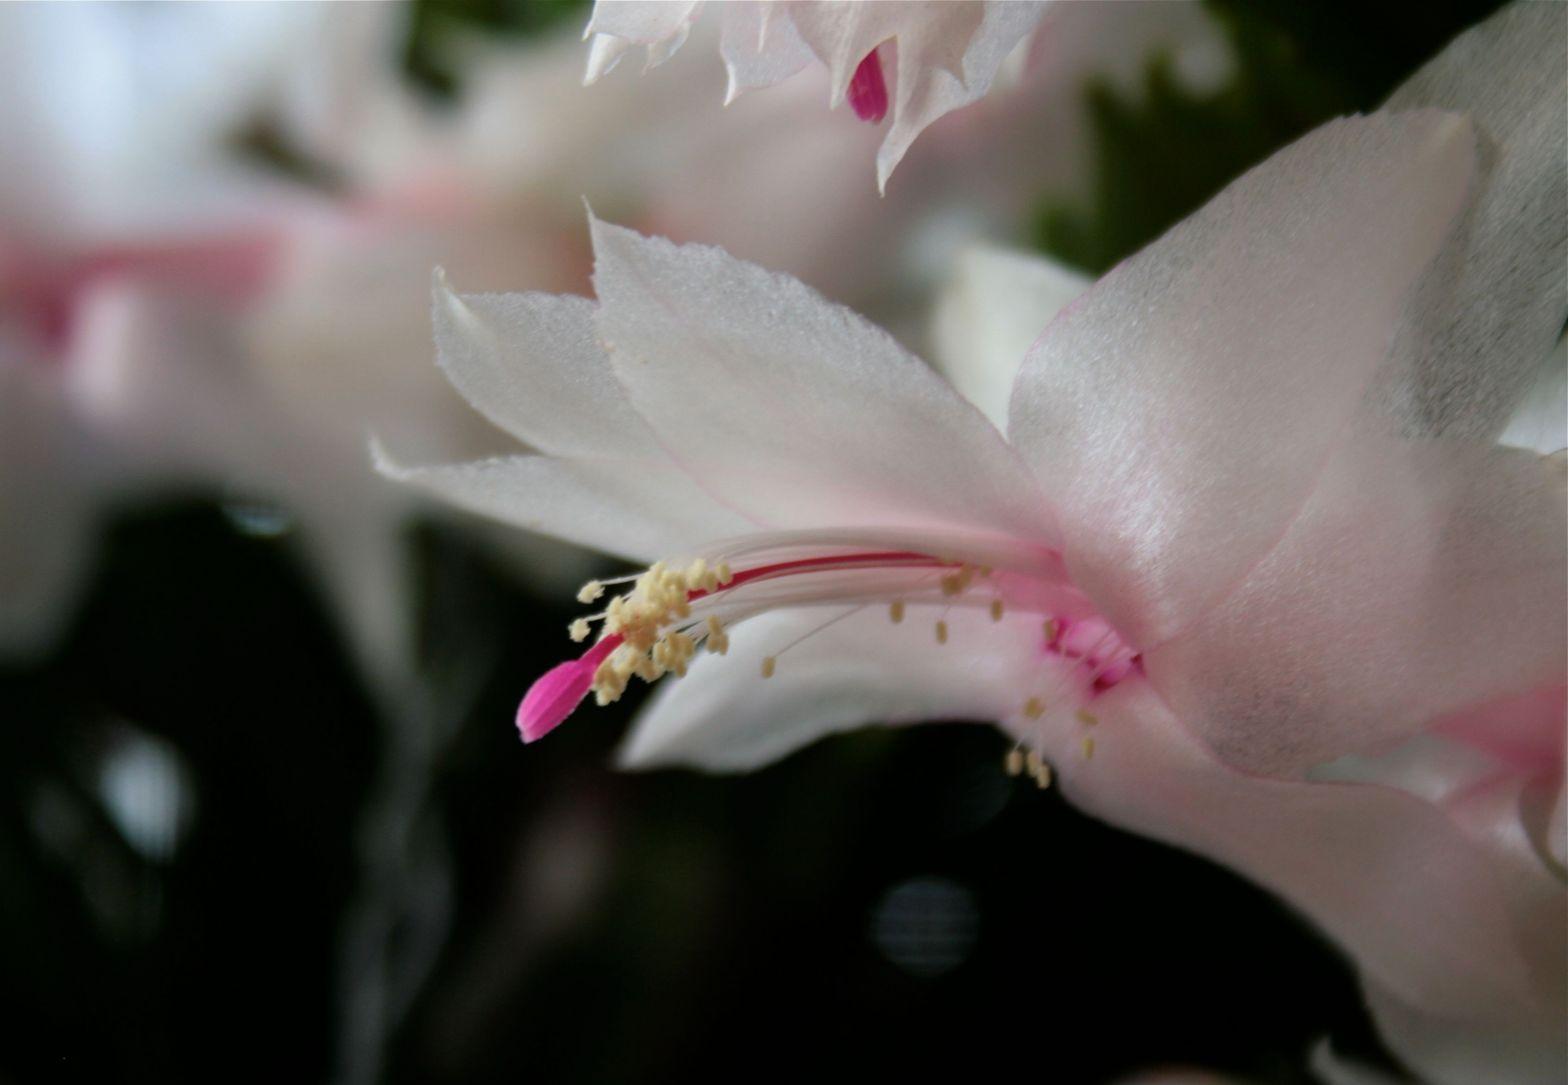 Delicate cactus bloom debiriley.com